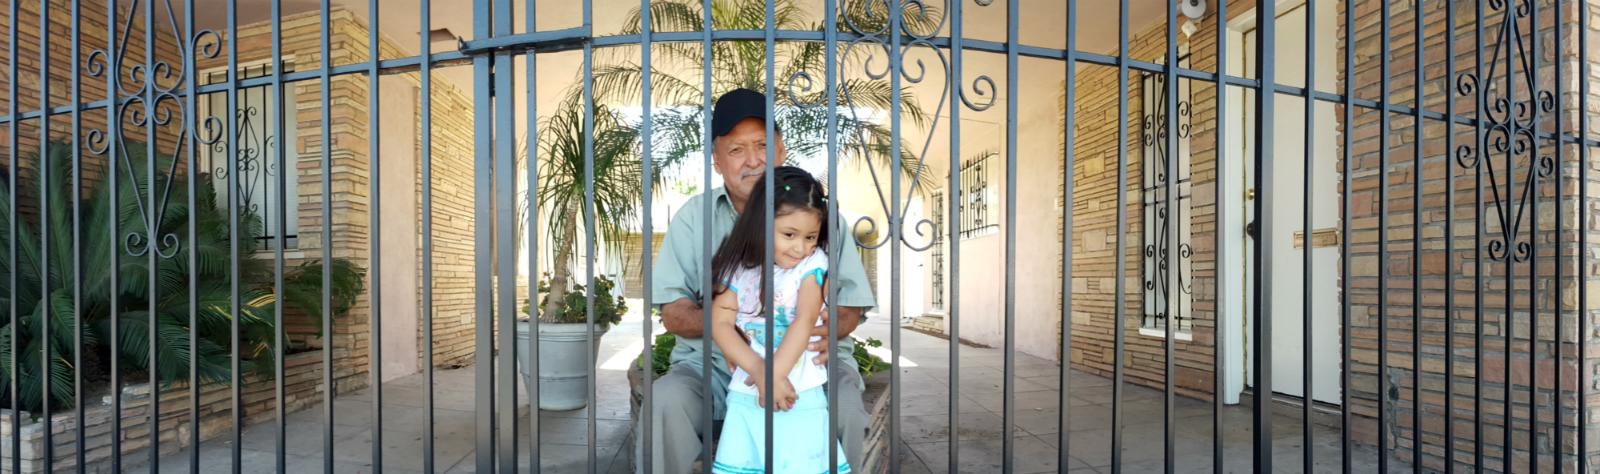 """meeting my neighbors:""""buenos dias, Señor. me llamo trinh, y soy un artista, nueva a santa ana. que hermosa es su nieta. puedo tocar su photo, por favor?"""""""